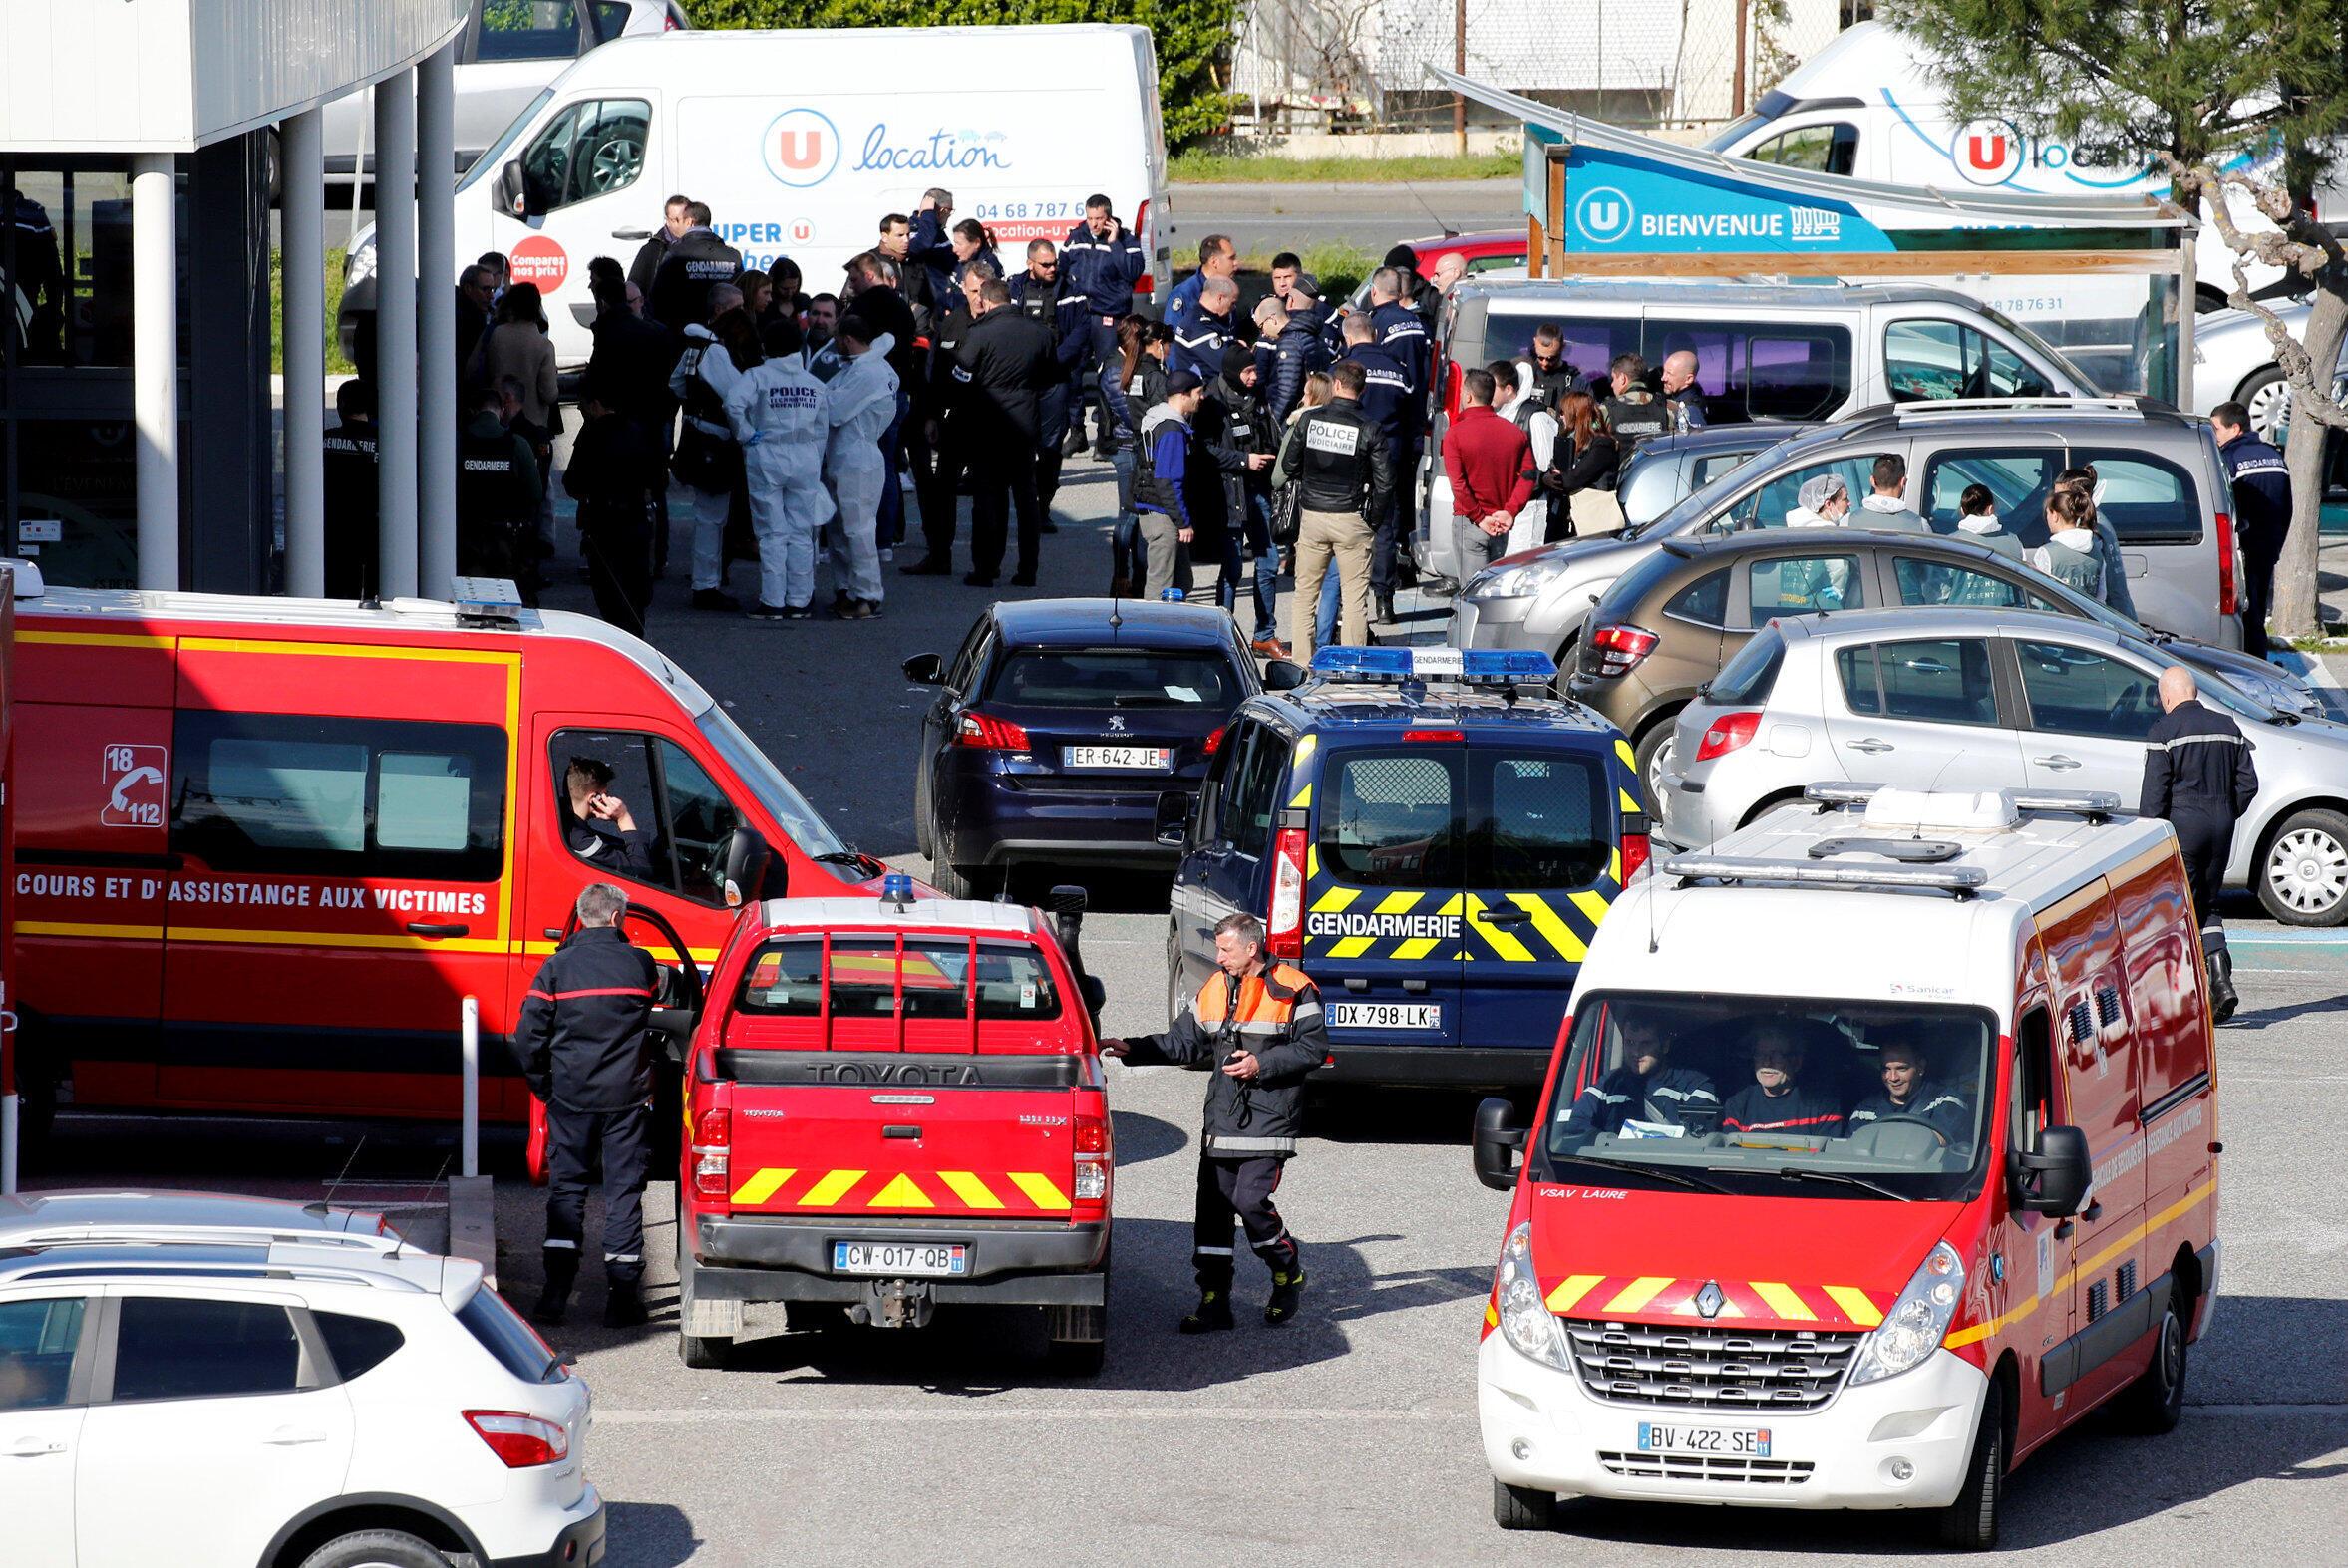 Полиция и спасатели возле супермаркета Super U в городе Треб на юге Франции, 23 марта 2018 г.